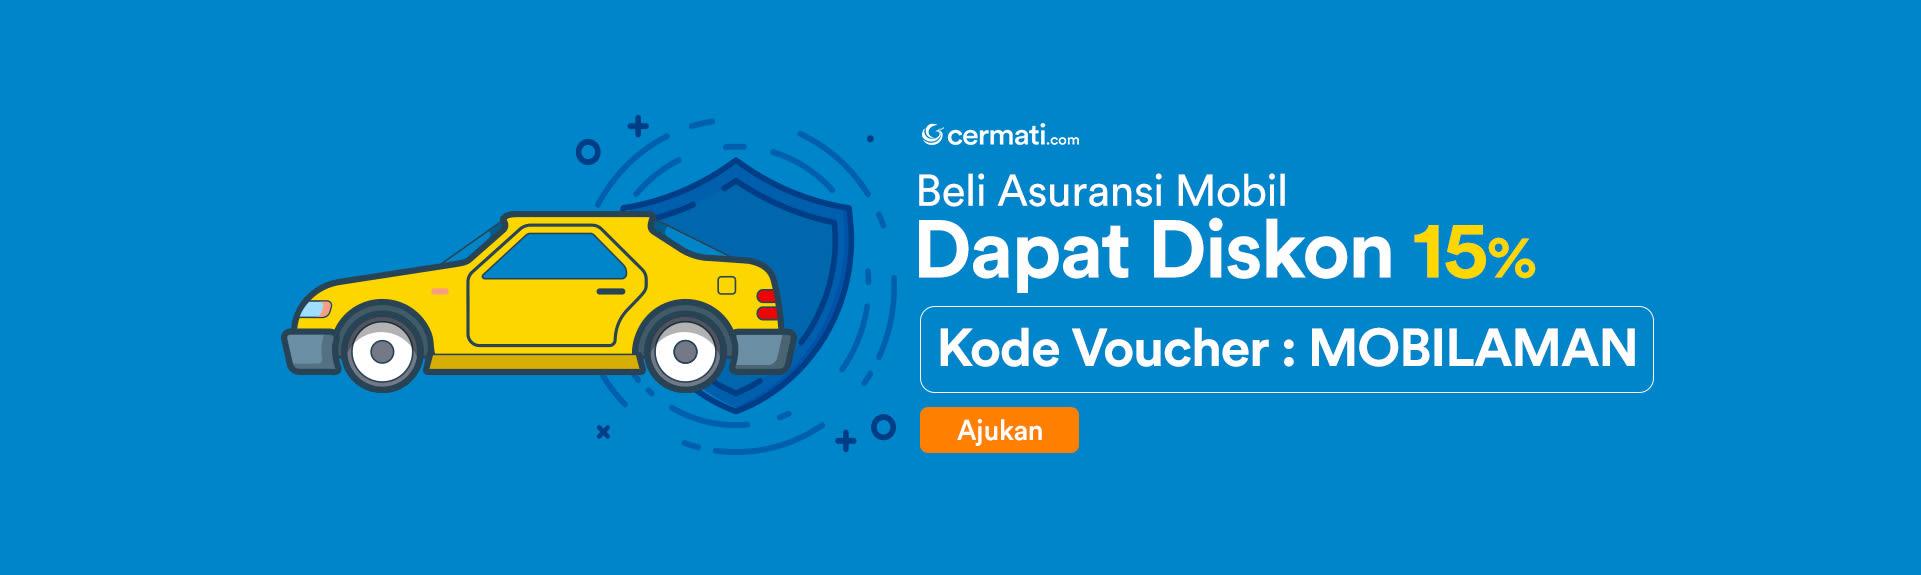 Homepage Sliding - Asuransi Mobil Diskon 15%